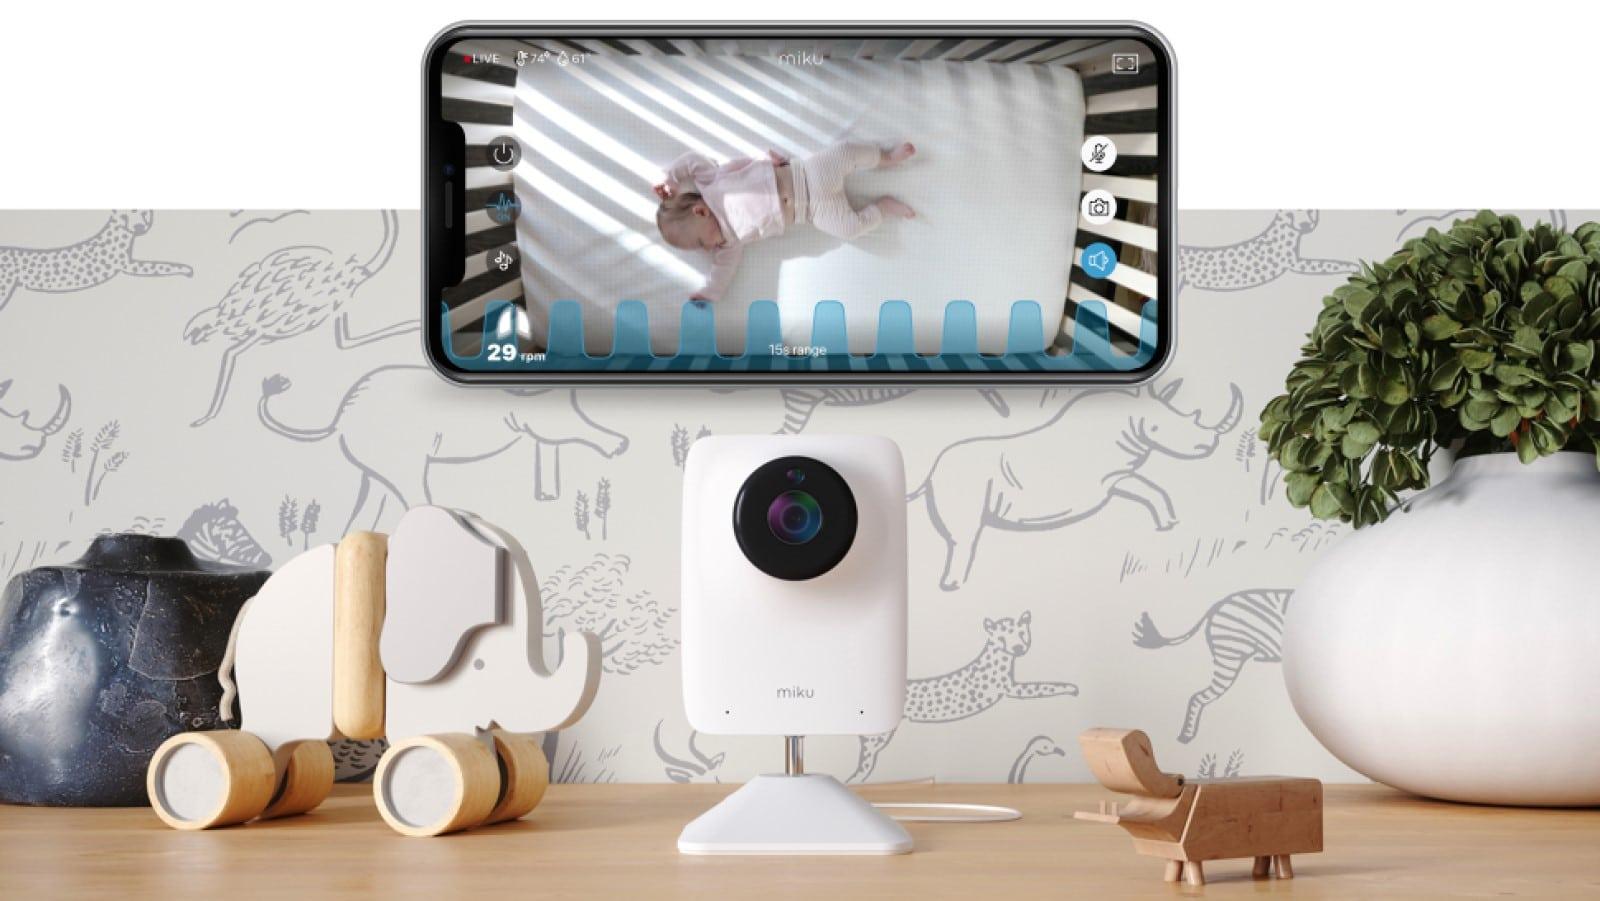 miku baby monitori